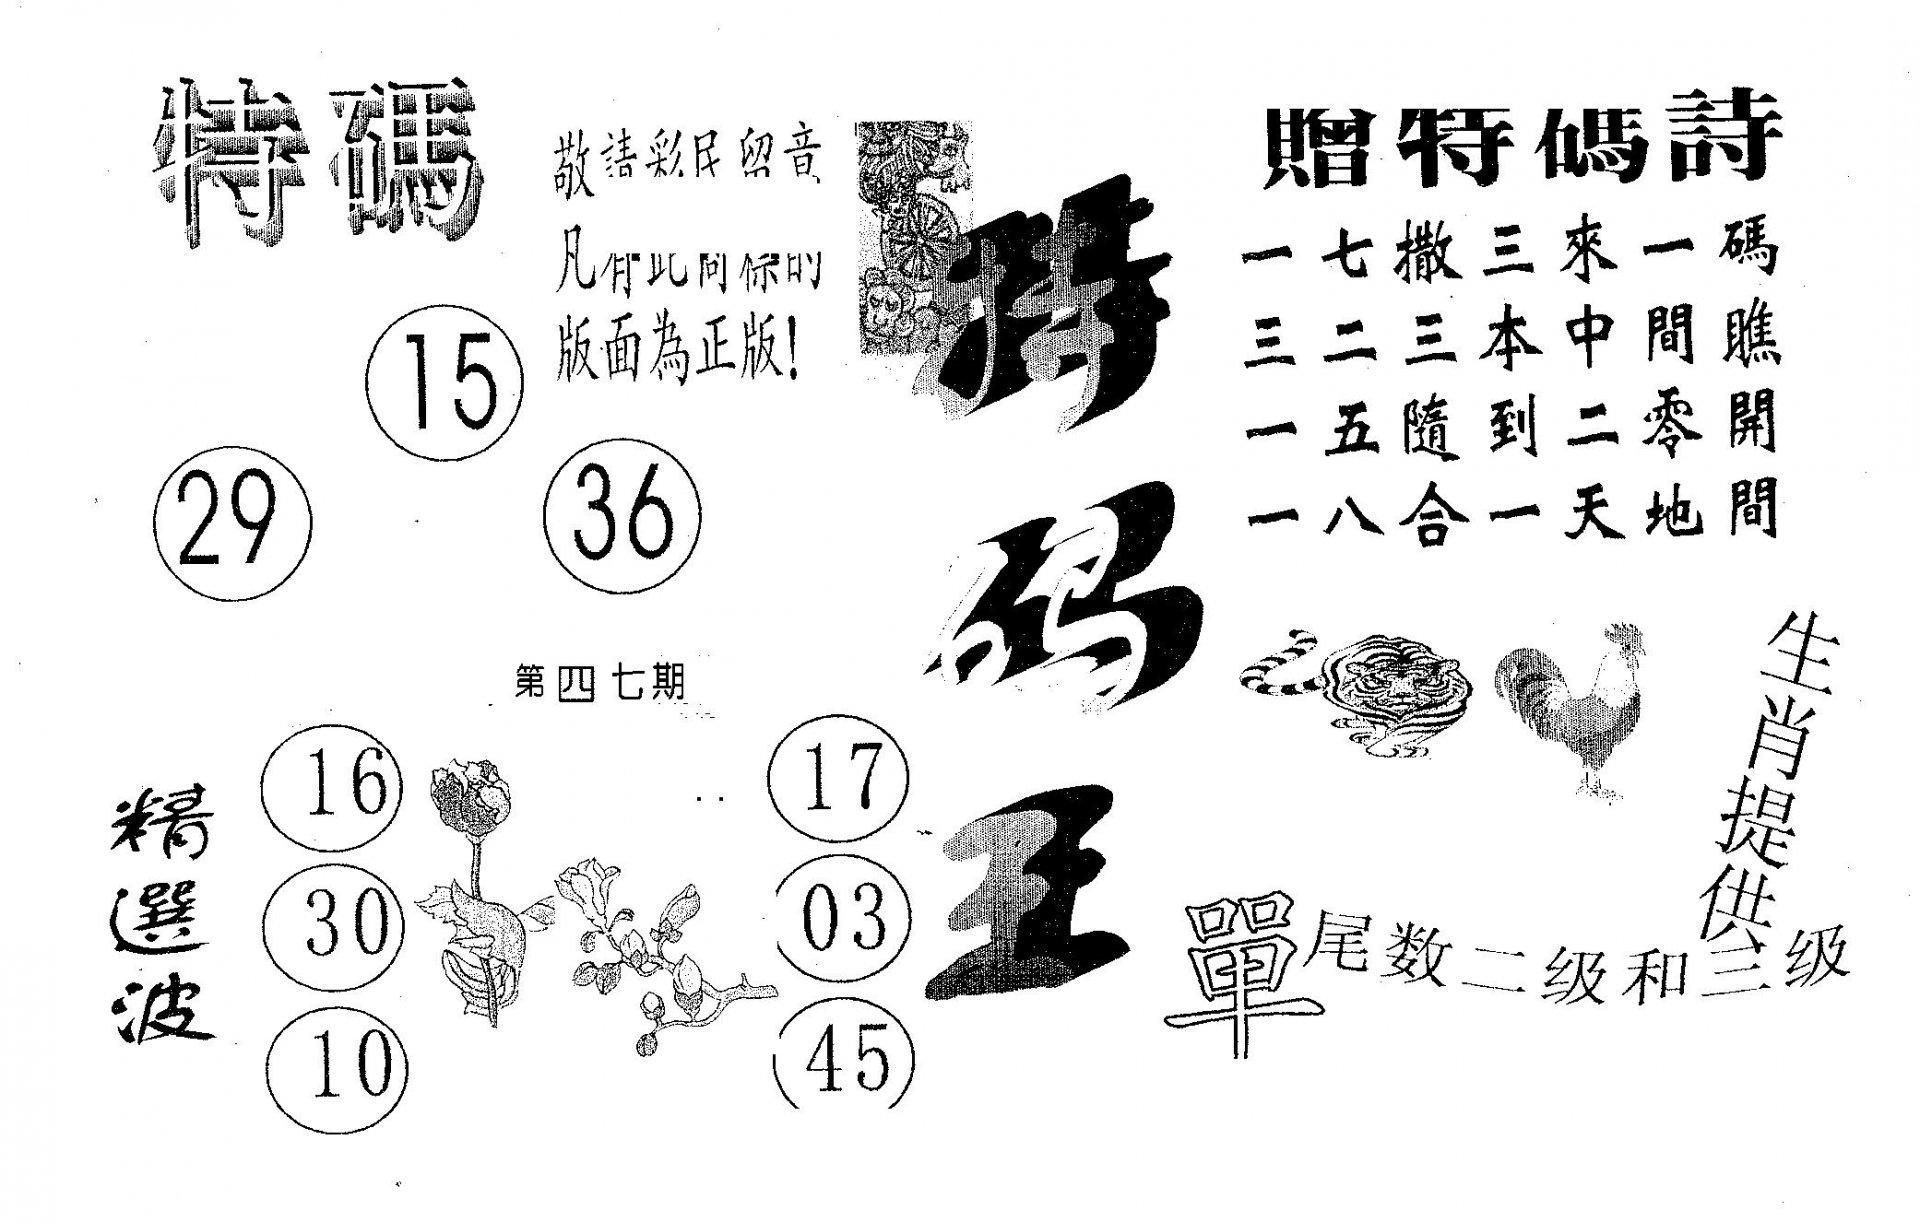 047期特码王A(黑白)